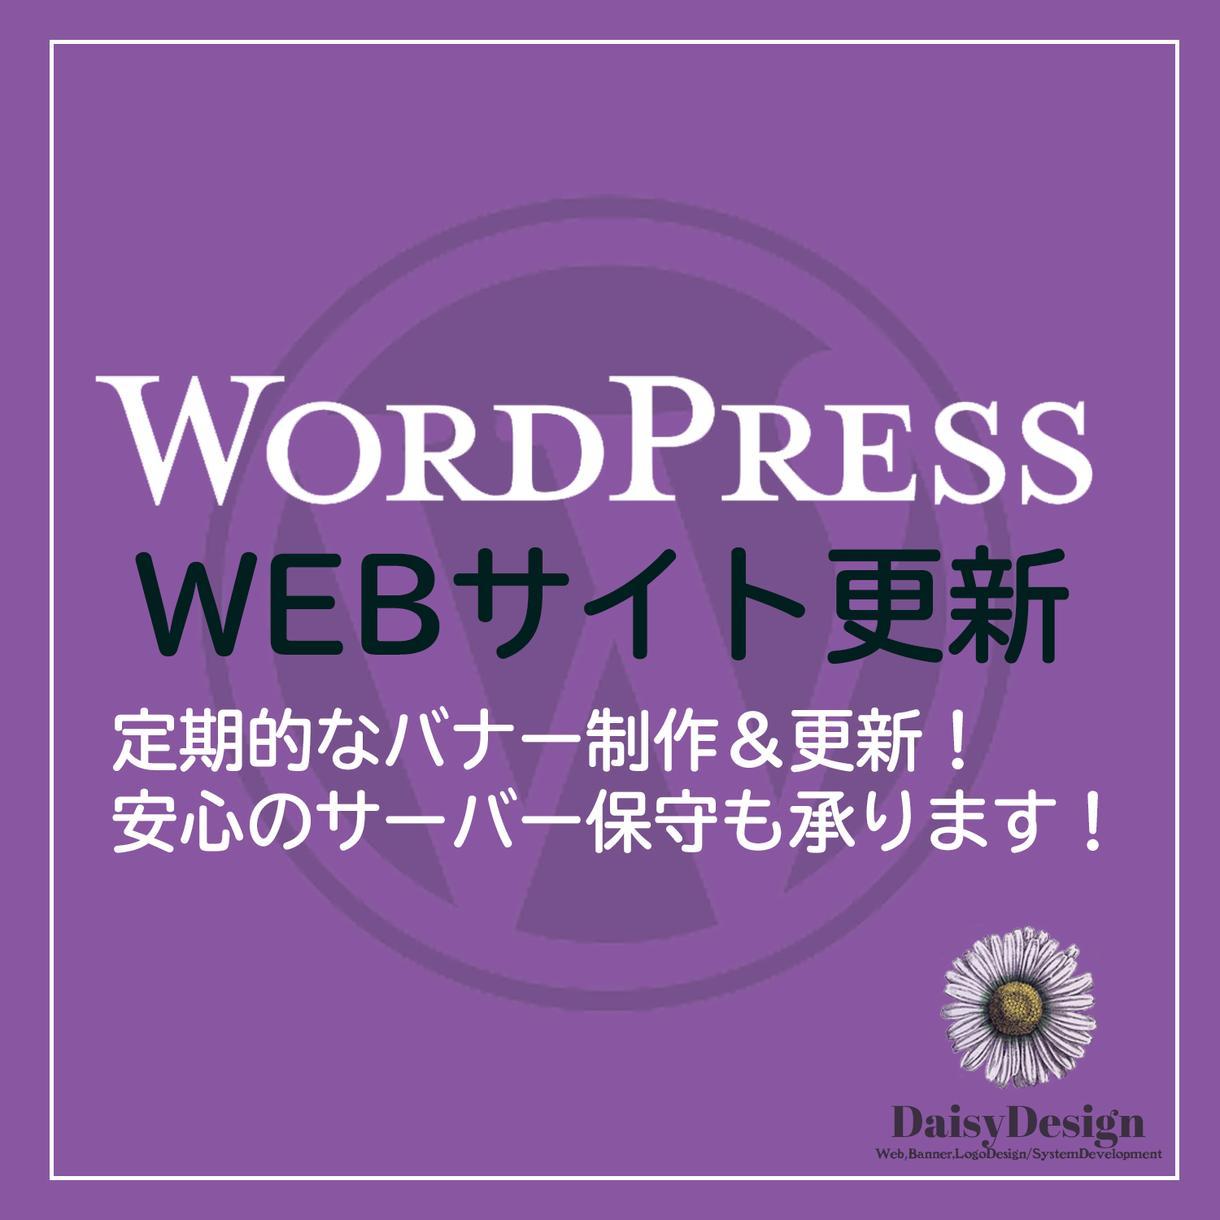 定期的にホームページ更新します 本業が忙しくホームページ更新ができない方へ イメージ1